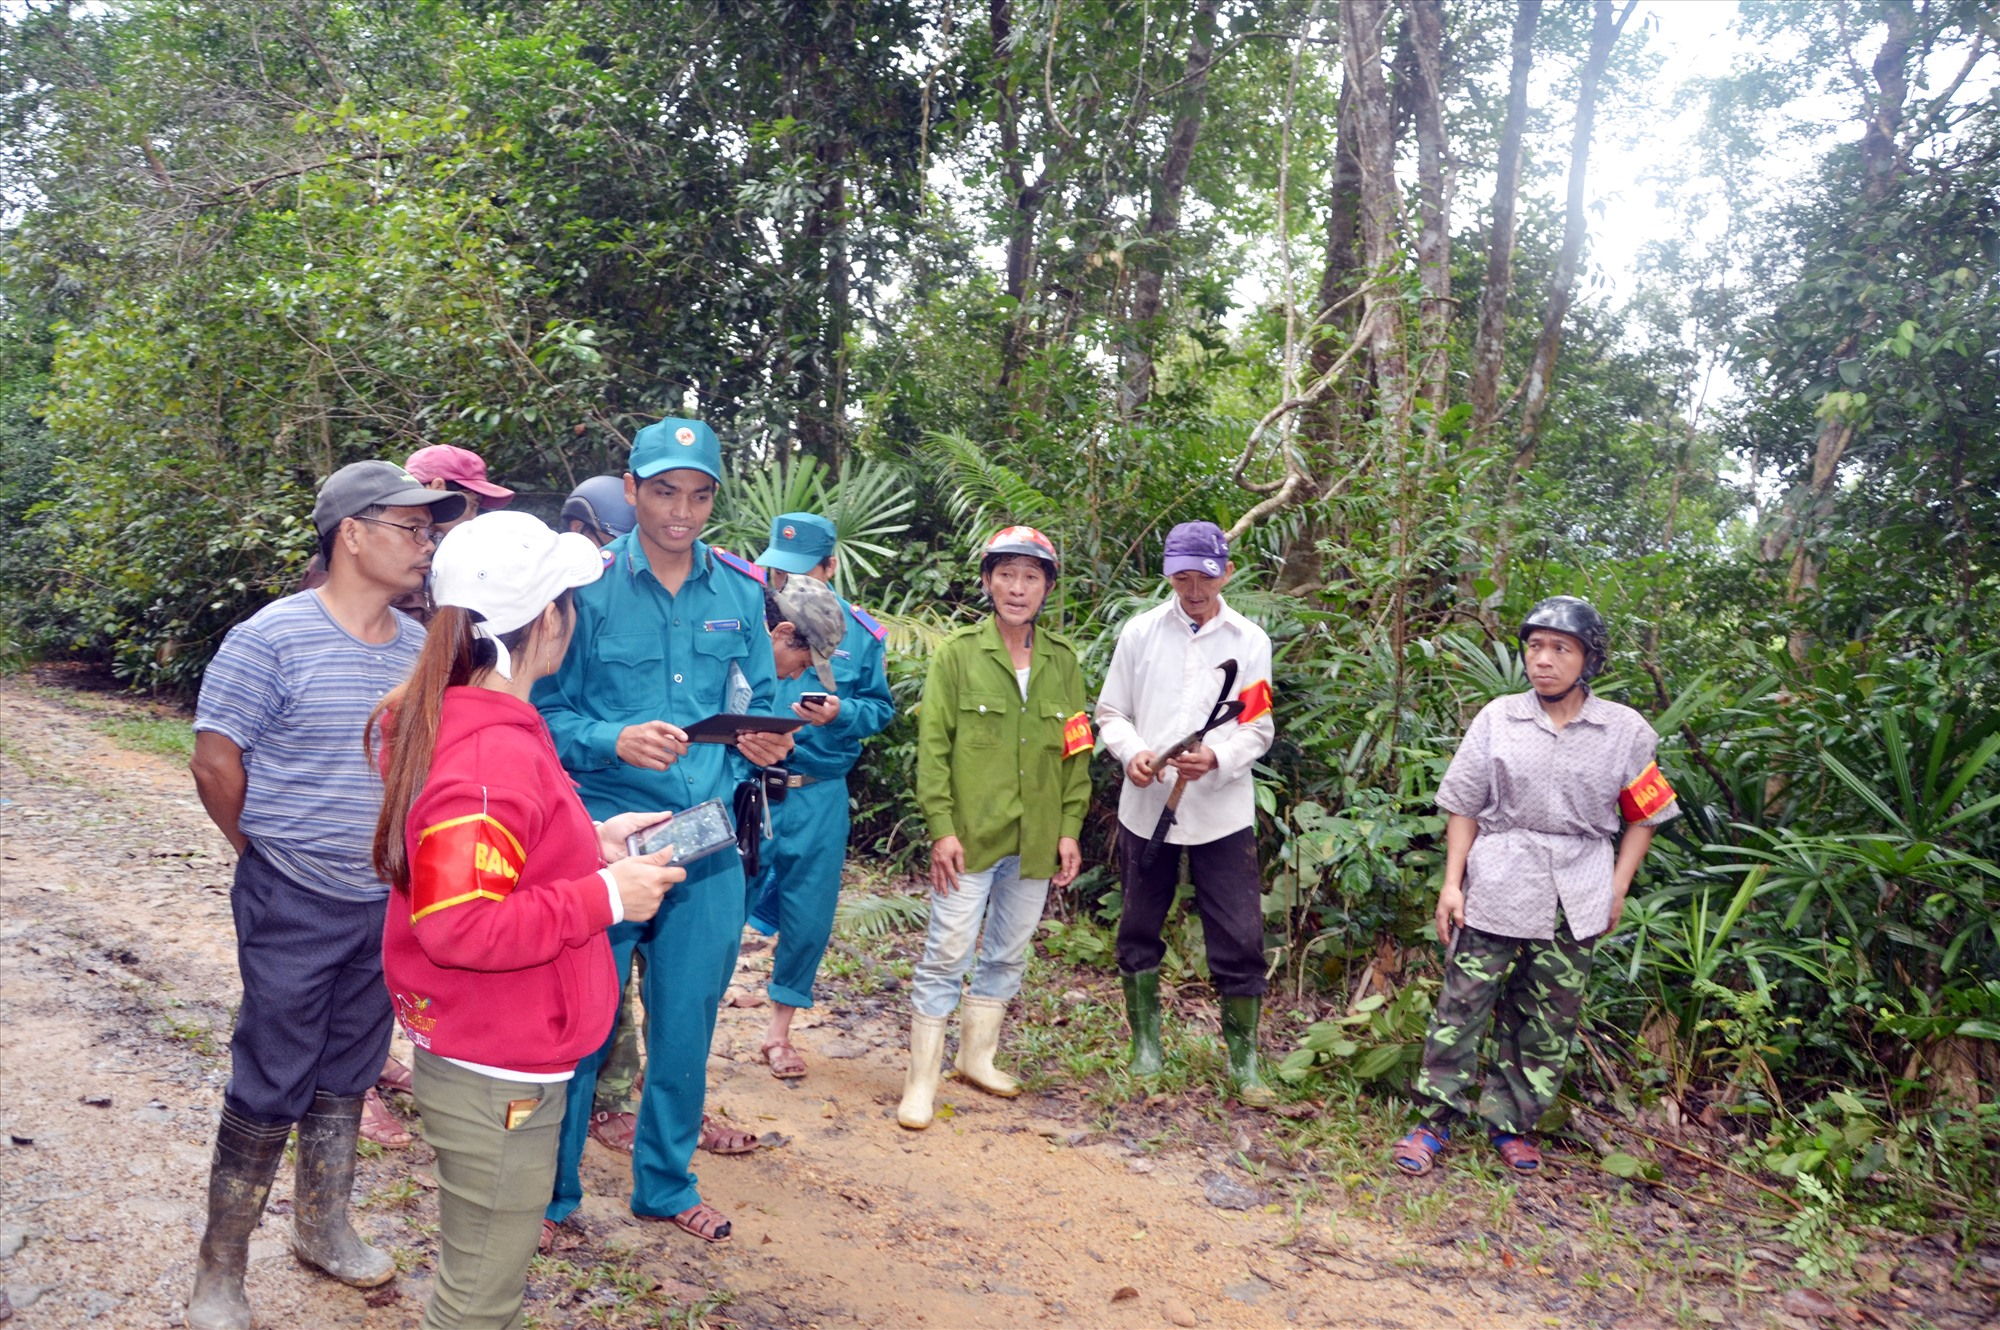 Cộng đồng dân cư tuần tra rừng ở lâm phận rừng phòng hộ Sông Kôn (Đông Giang) được Nhà nước giao nhận khoán từ chính sách chi trả dịch vụ môi trường rừng. Ảnh: T.H